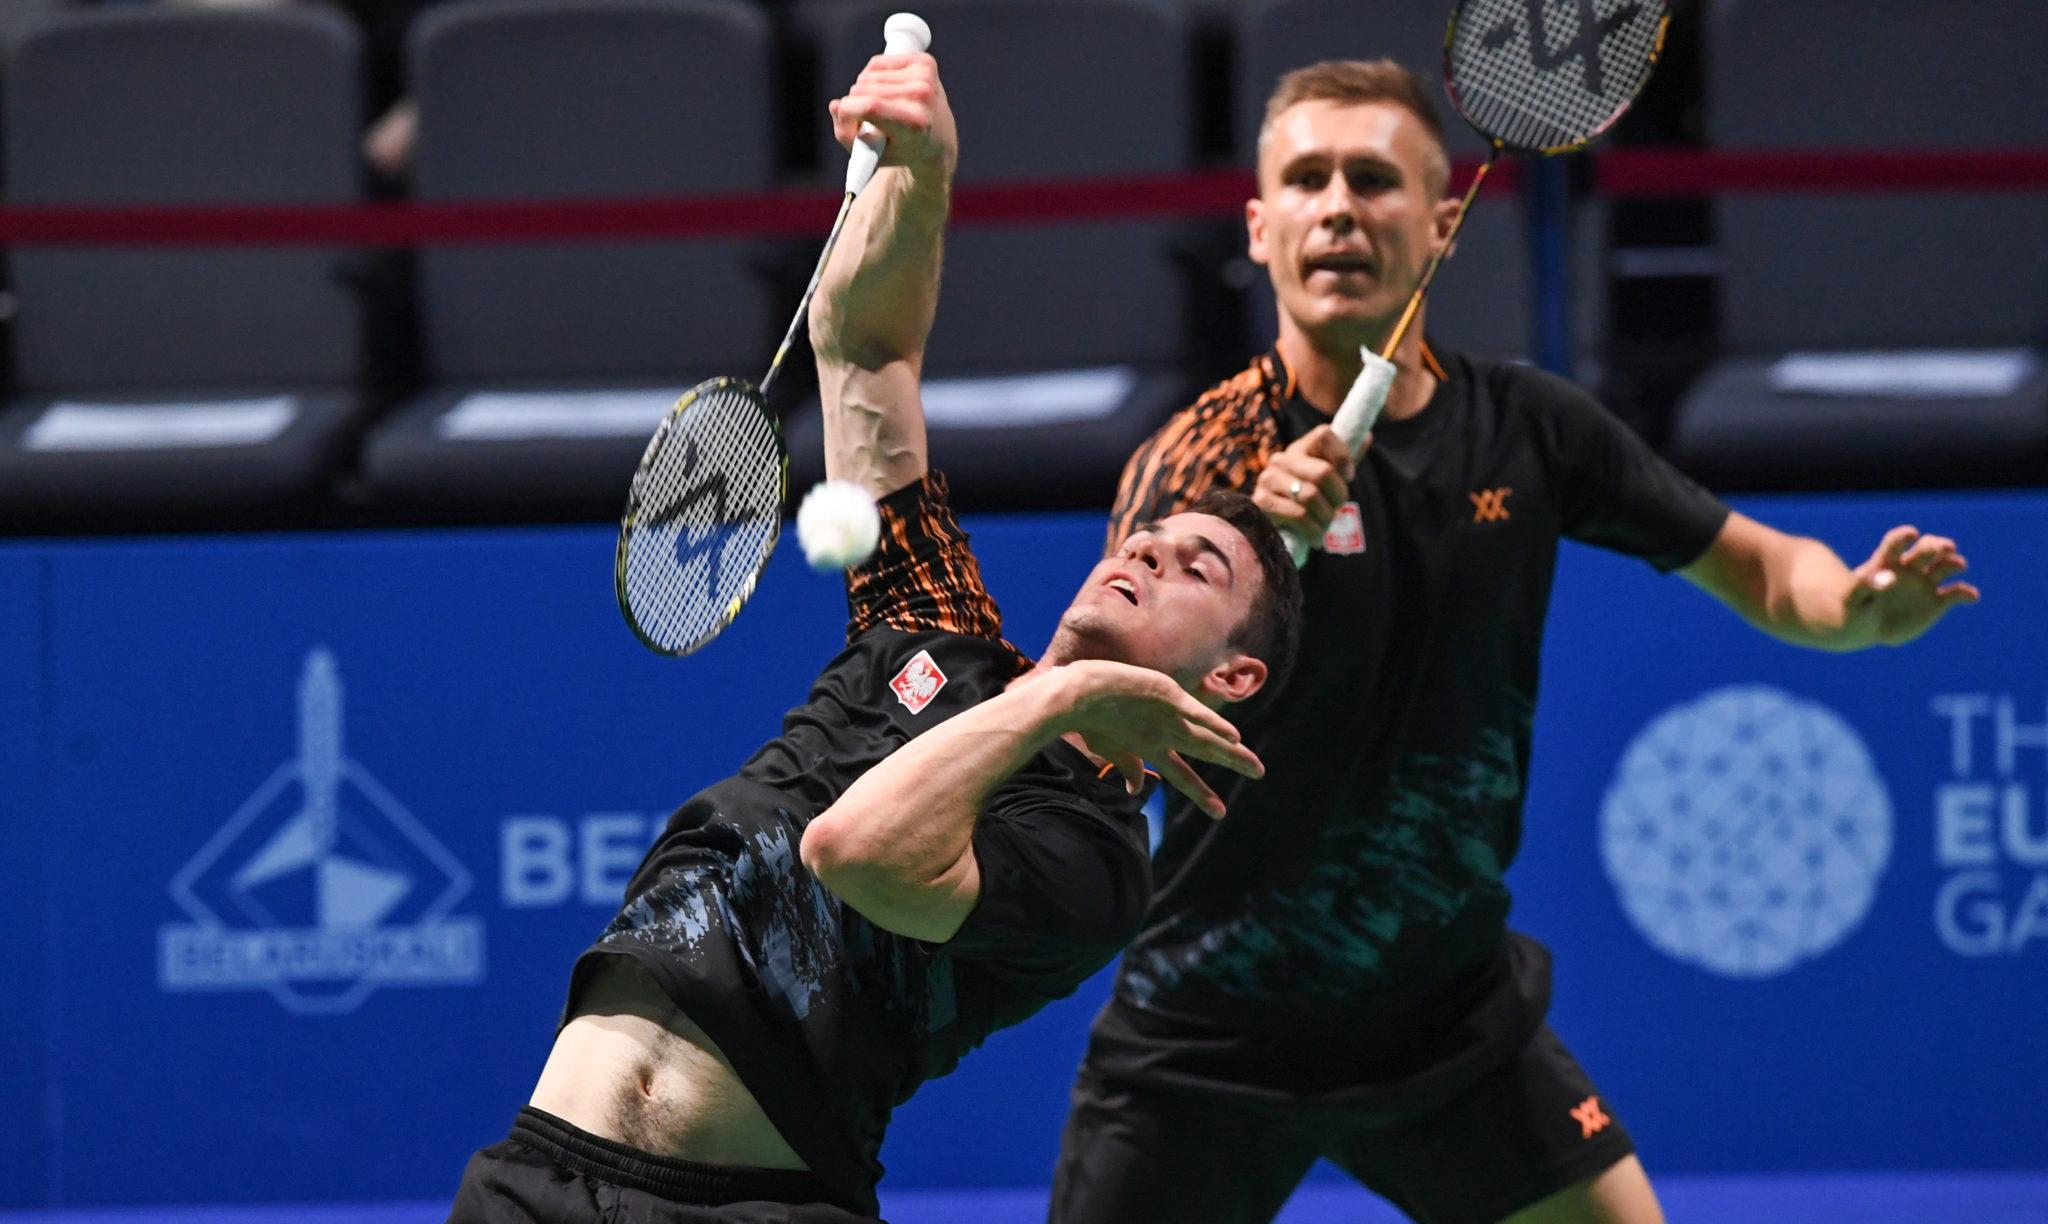 Polacy Miłosz Bochat i Adam Cwalina w meczu badmintona przeciwko parze z Danii podczas II Igrzysk Europejskich w Mińsku, fot. Piotr Nowak, PaP